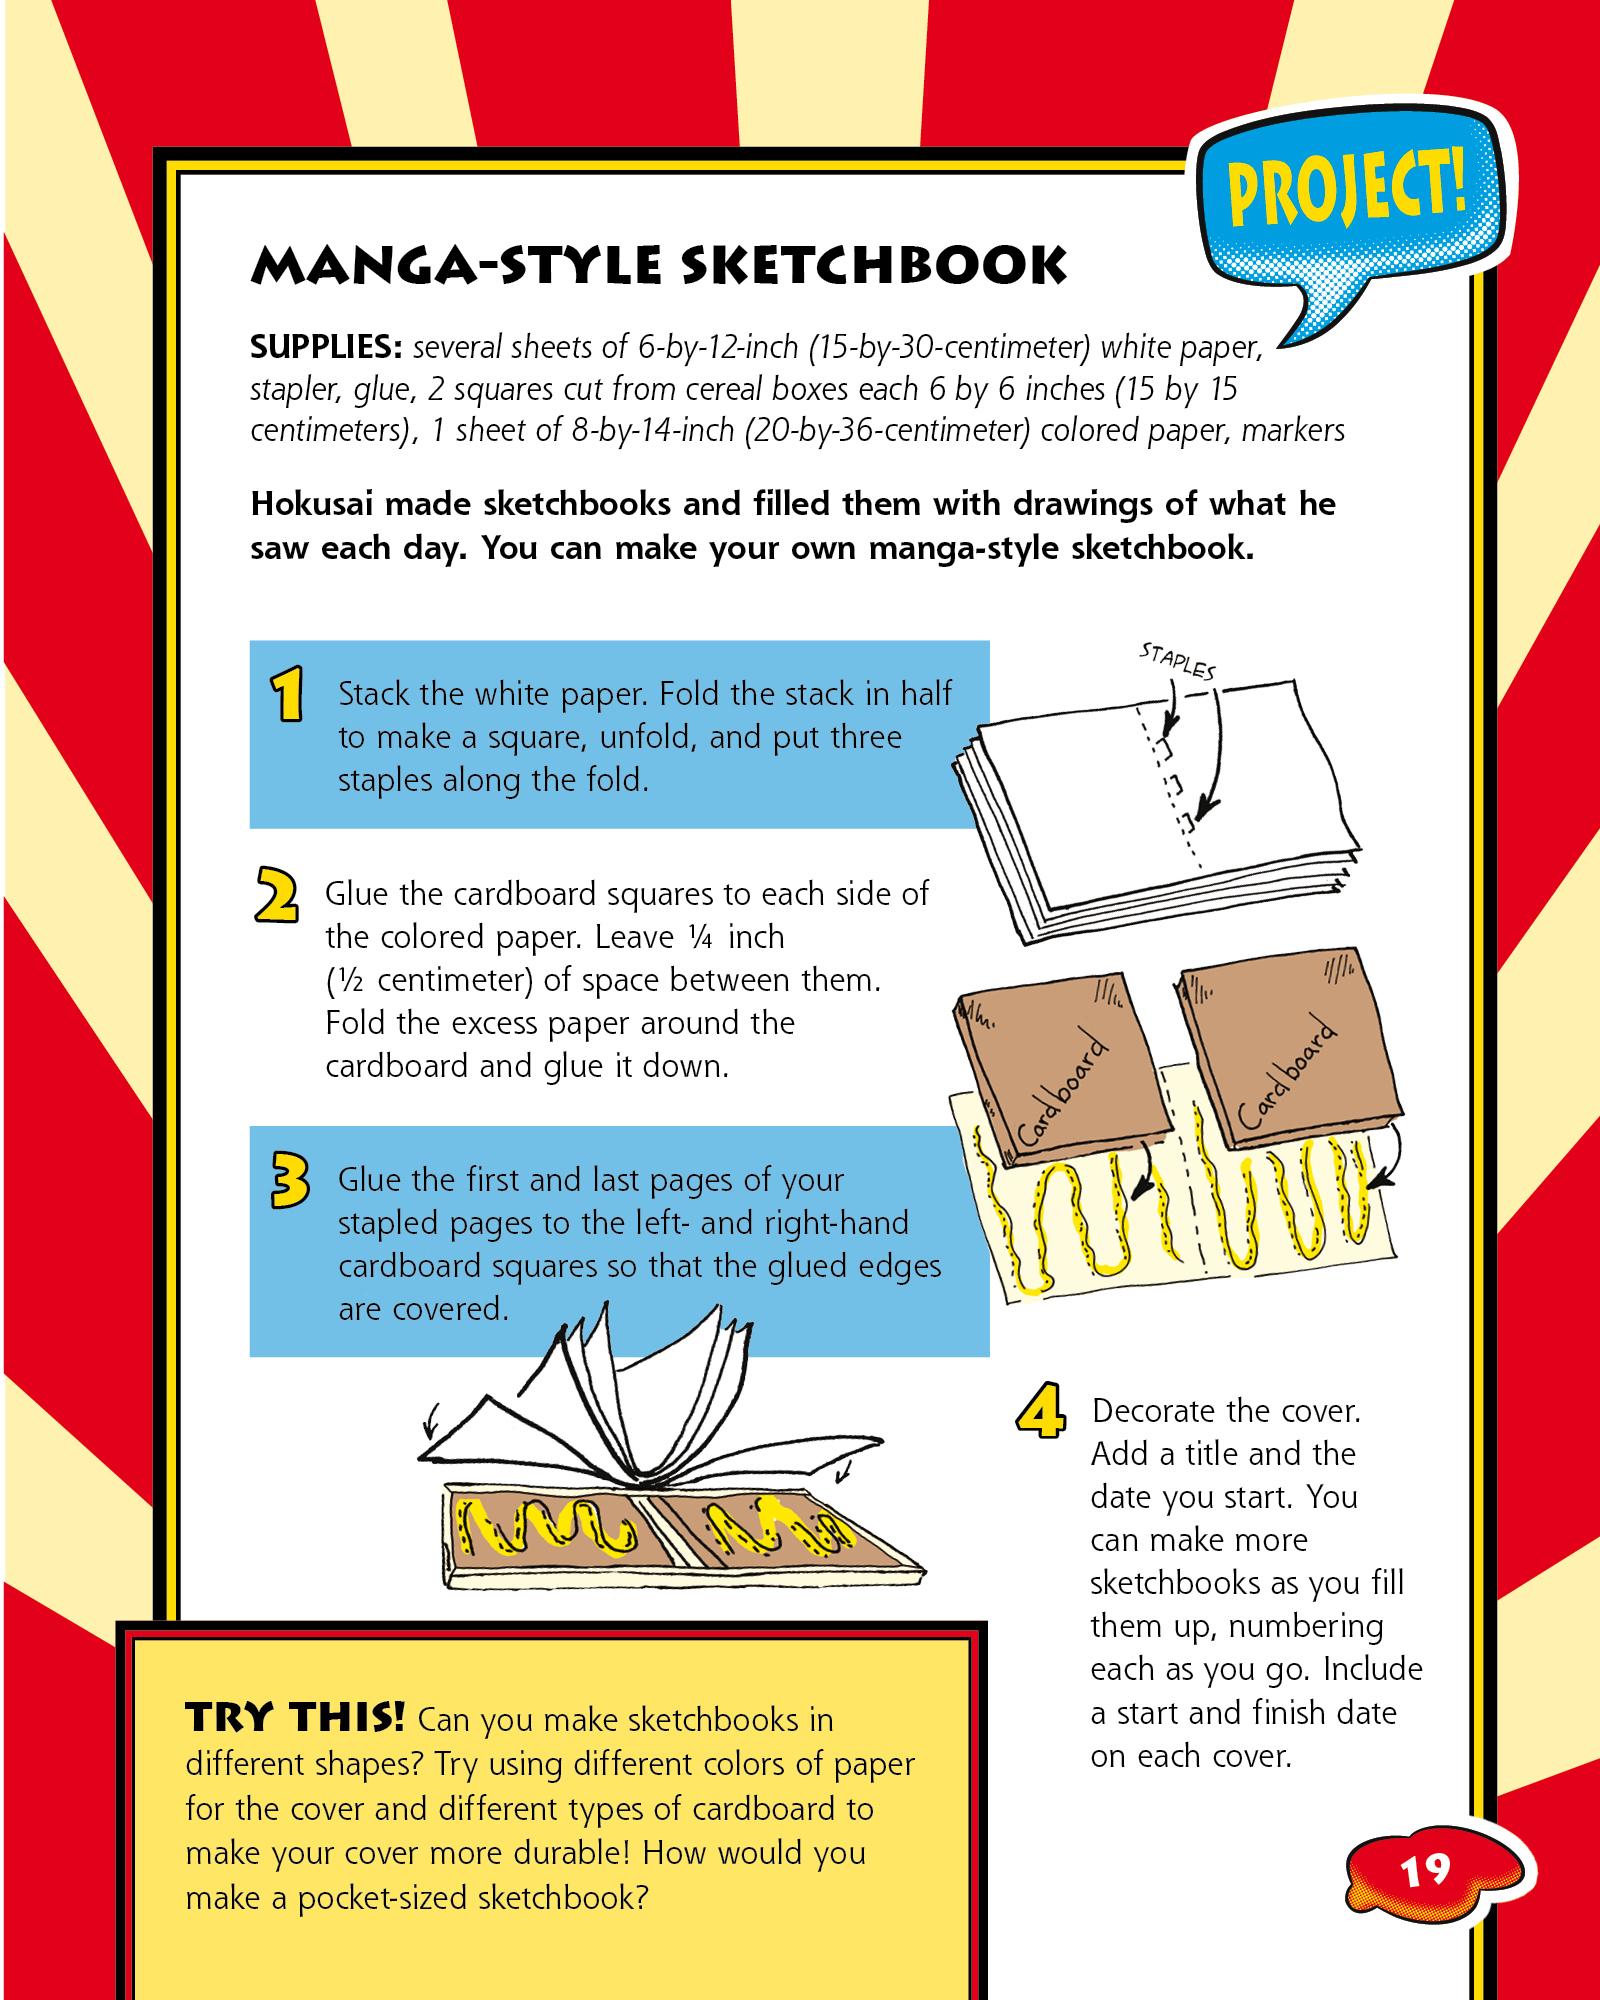 Make a Manga-style Sketchbook